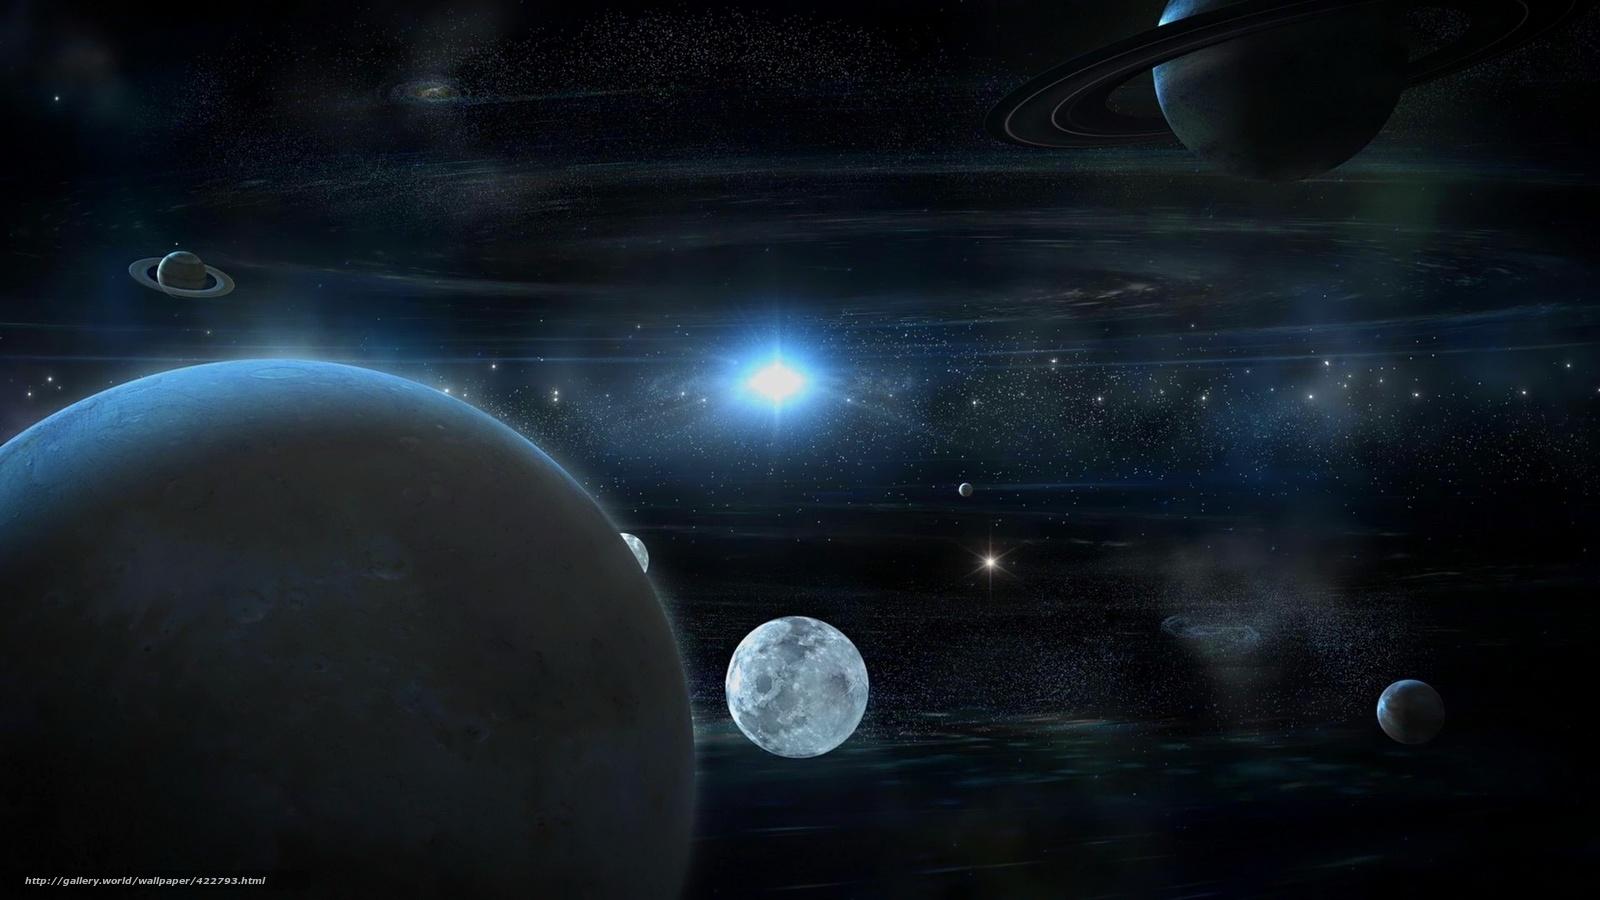 Scaricare gli sfondi spazio universo pianeta luna for Sfondi desktop universo